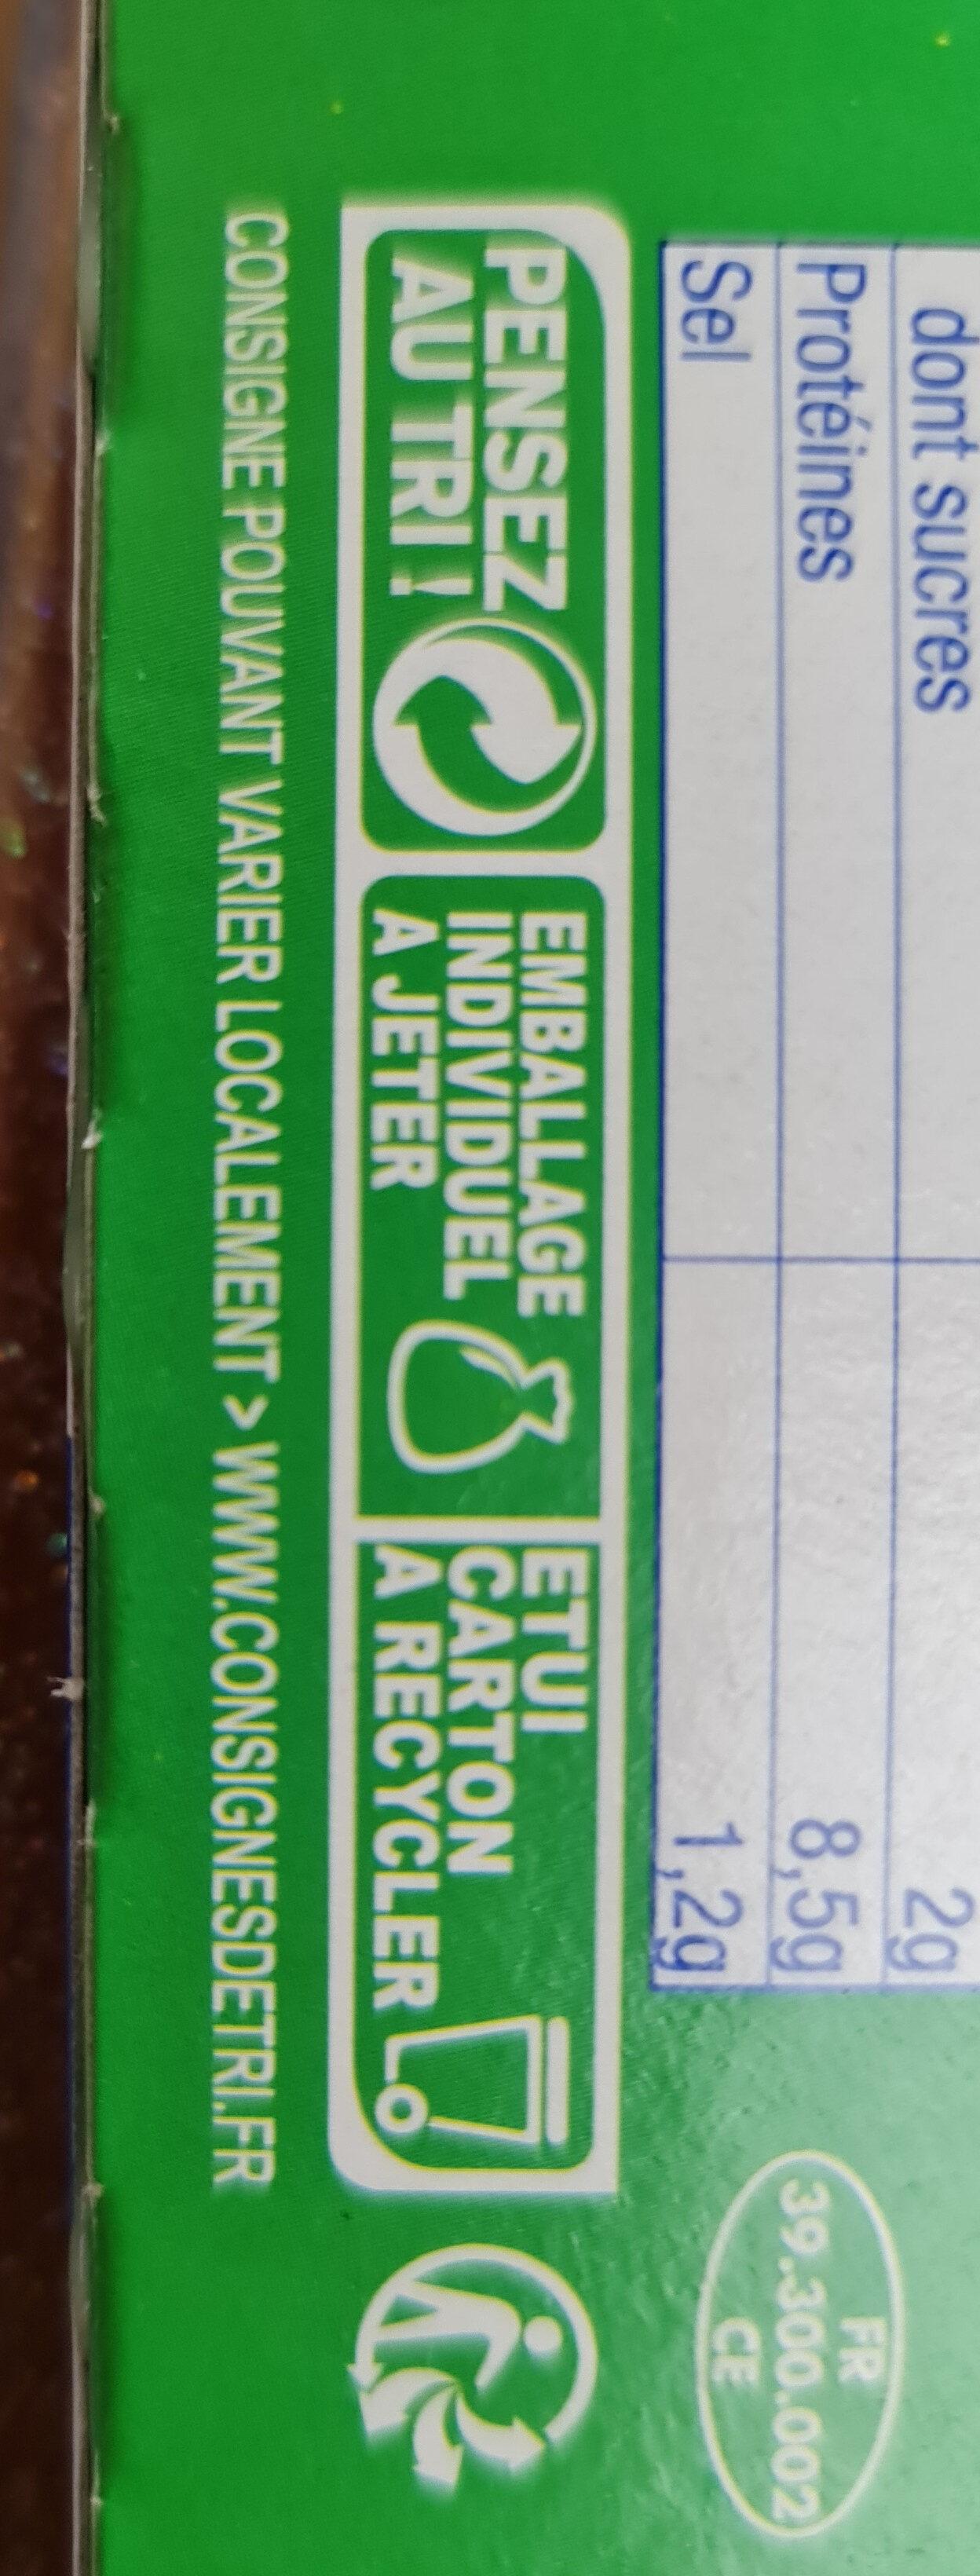 Vache grosjean - Instruction de recyclage et/ou informations d'emballage - fr